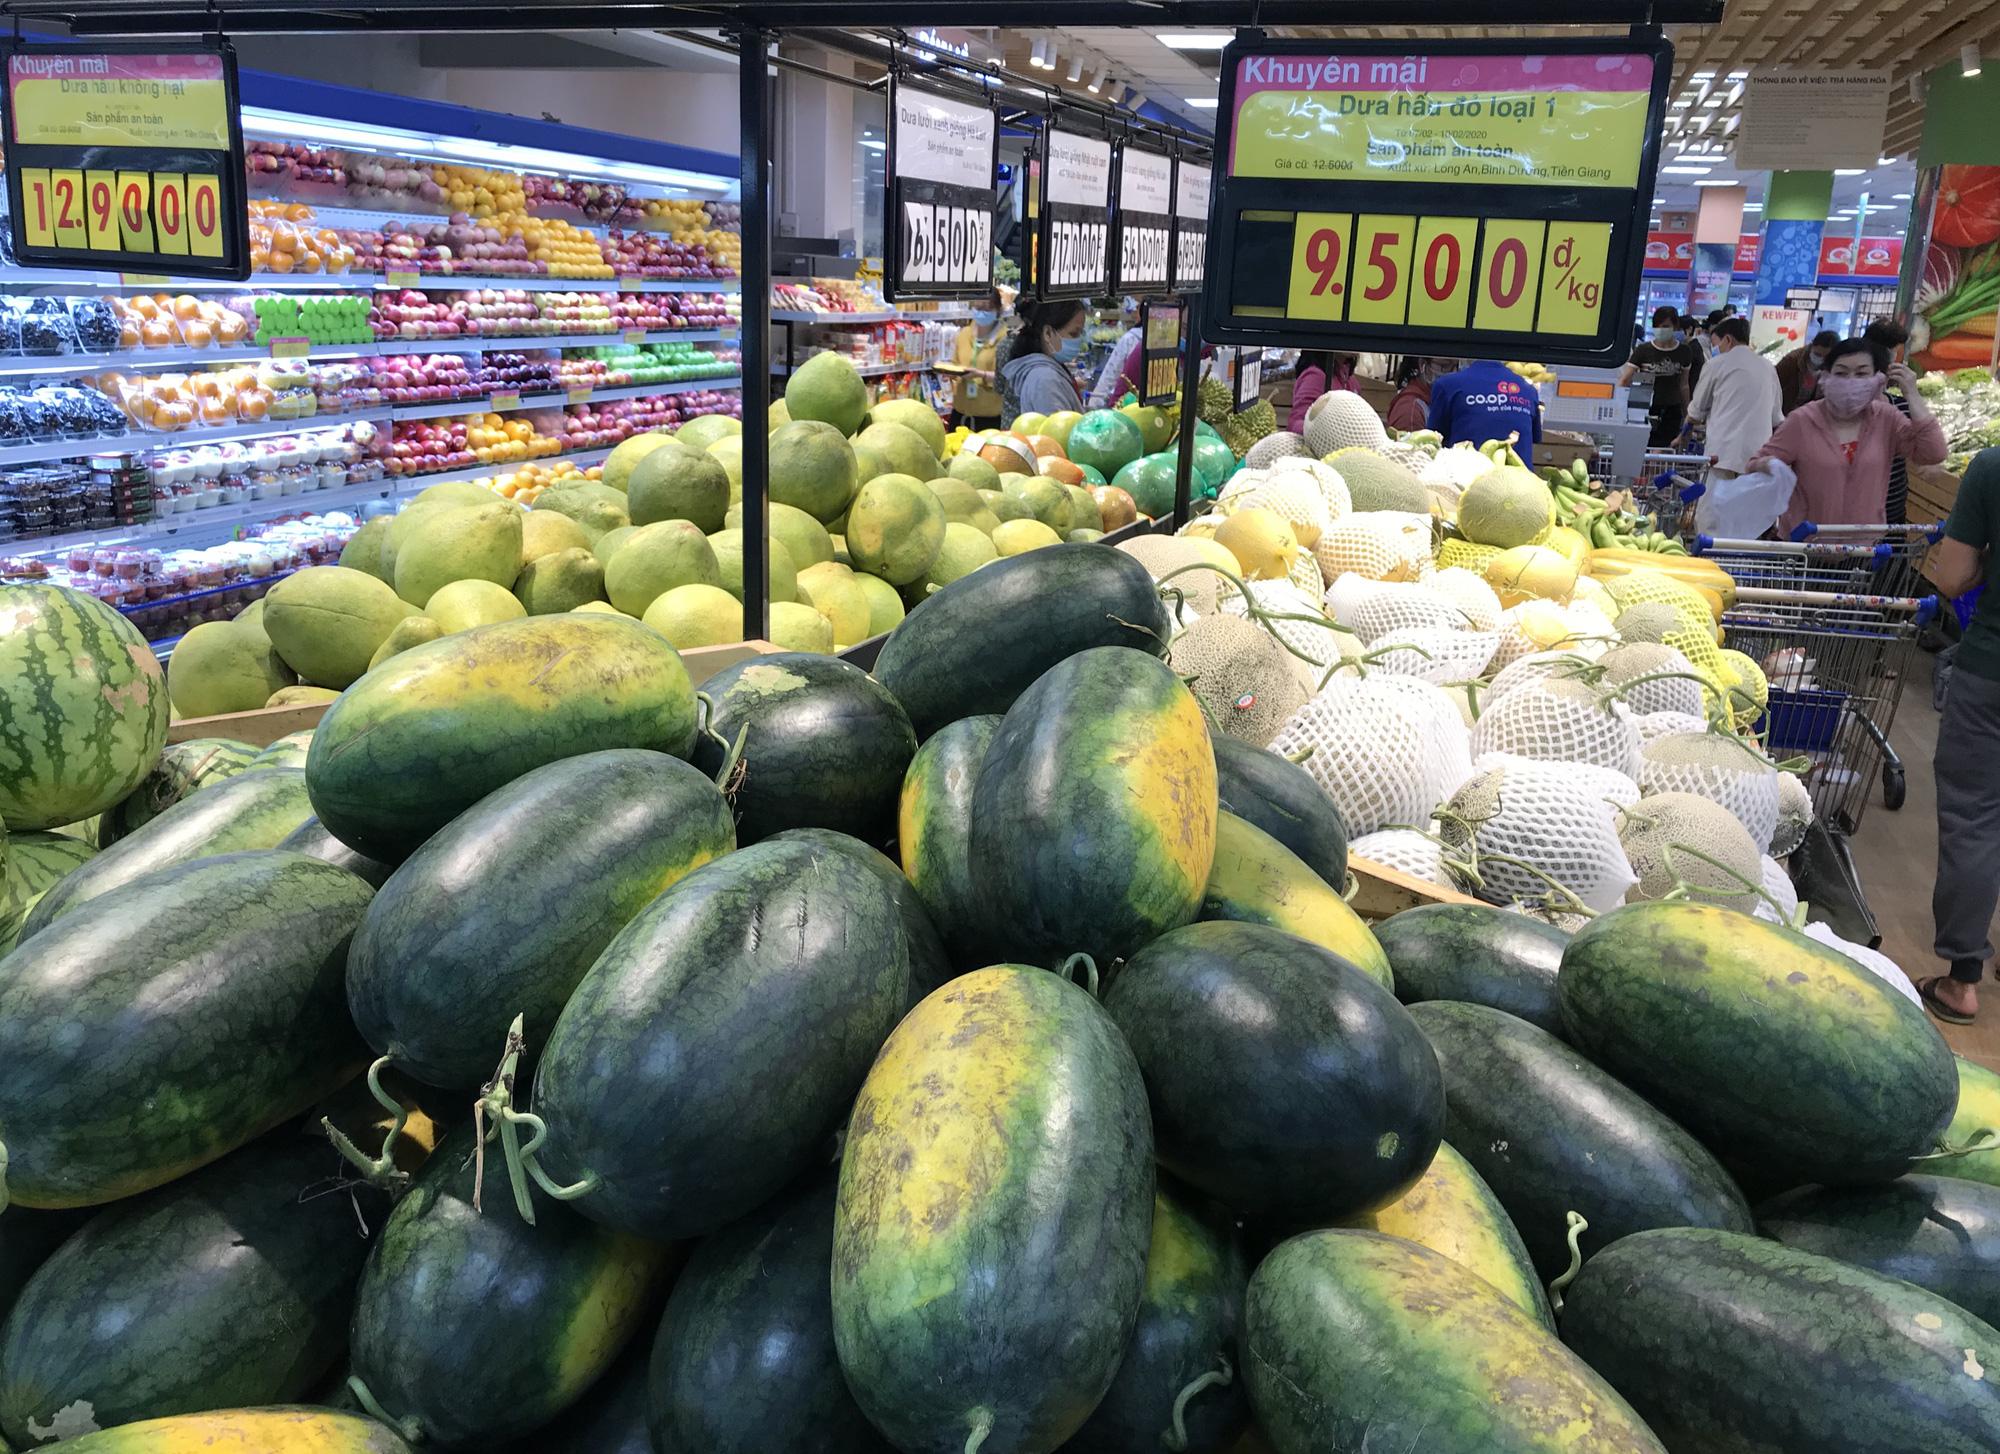 Người Sài Gòn đổ xô giải cứu dưa hấu, thanh long từ 4.200 đồng/kg trong siêu thị, mới 8h, có nơi đã hết sạch - Ảnh 8.